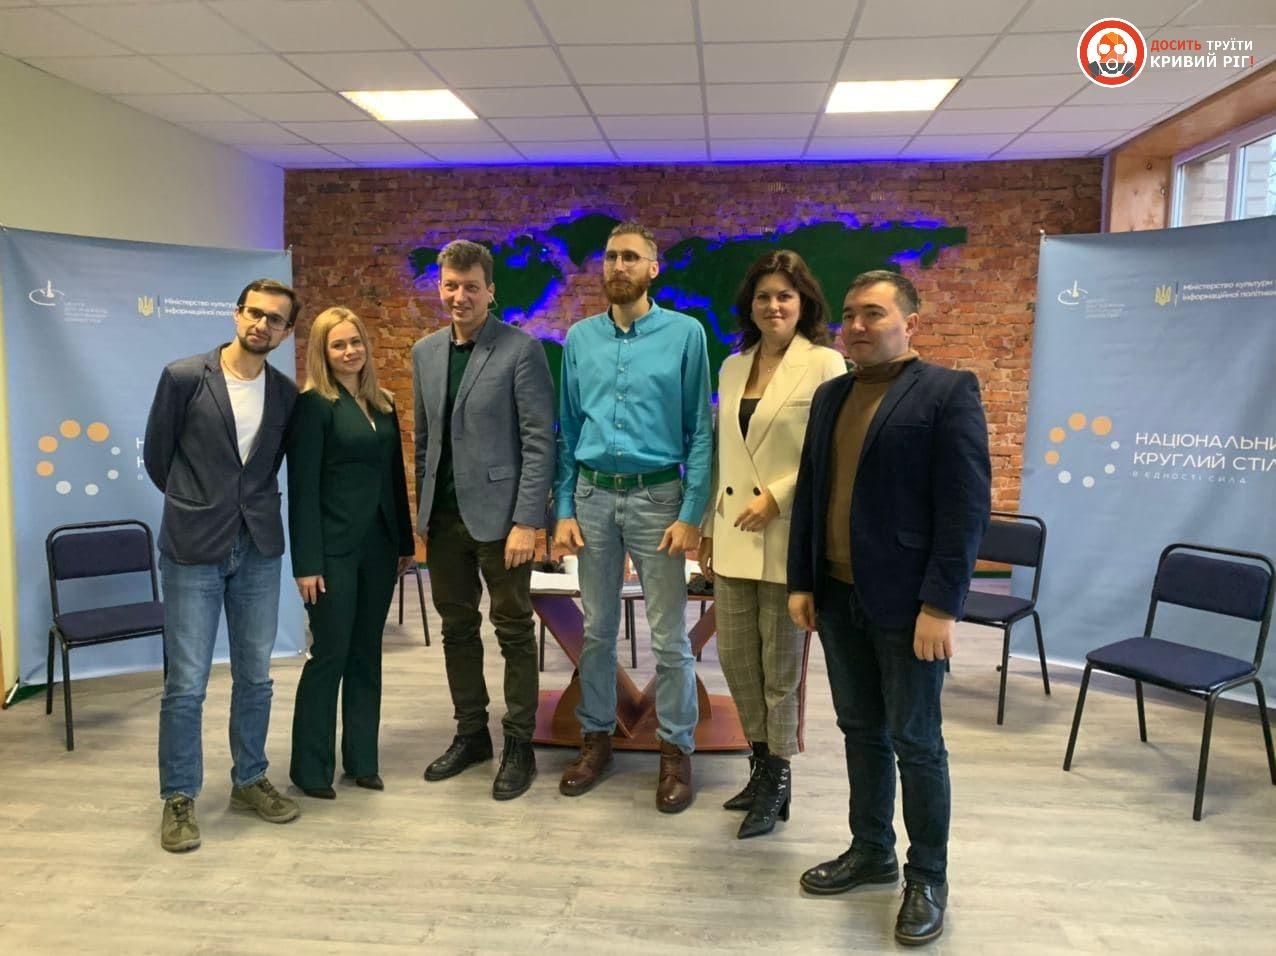 ДТКР взяли участь у Національному Круглому столі з Екології